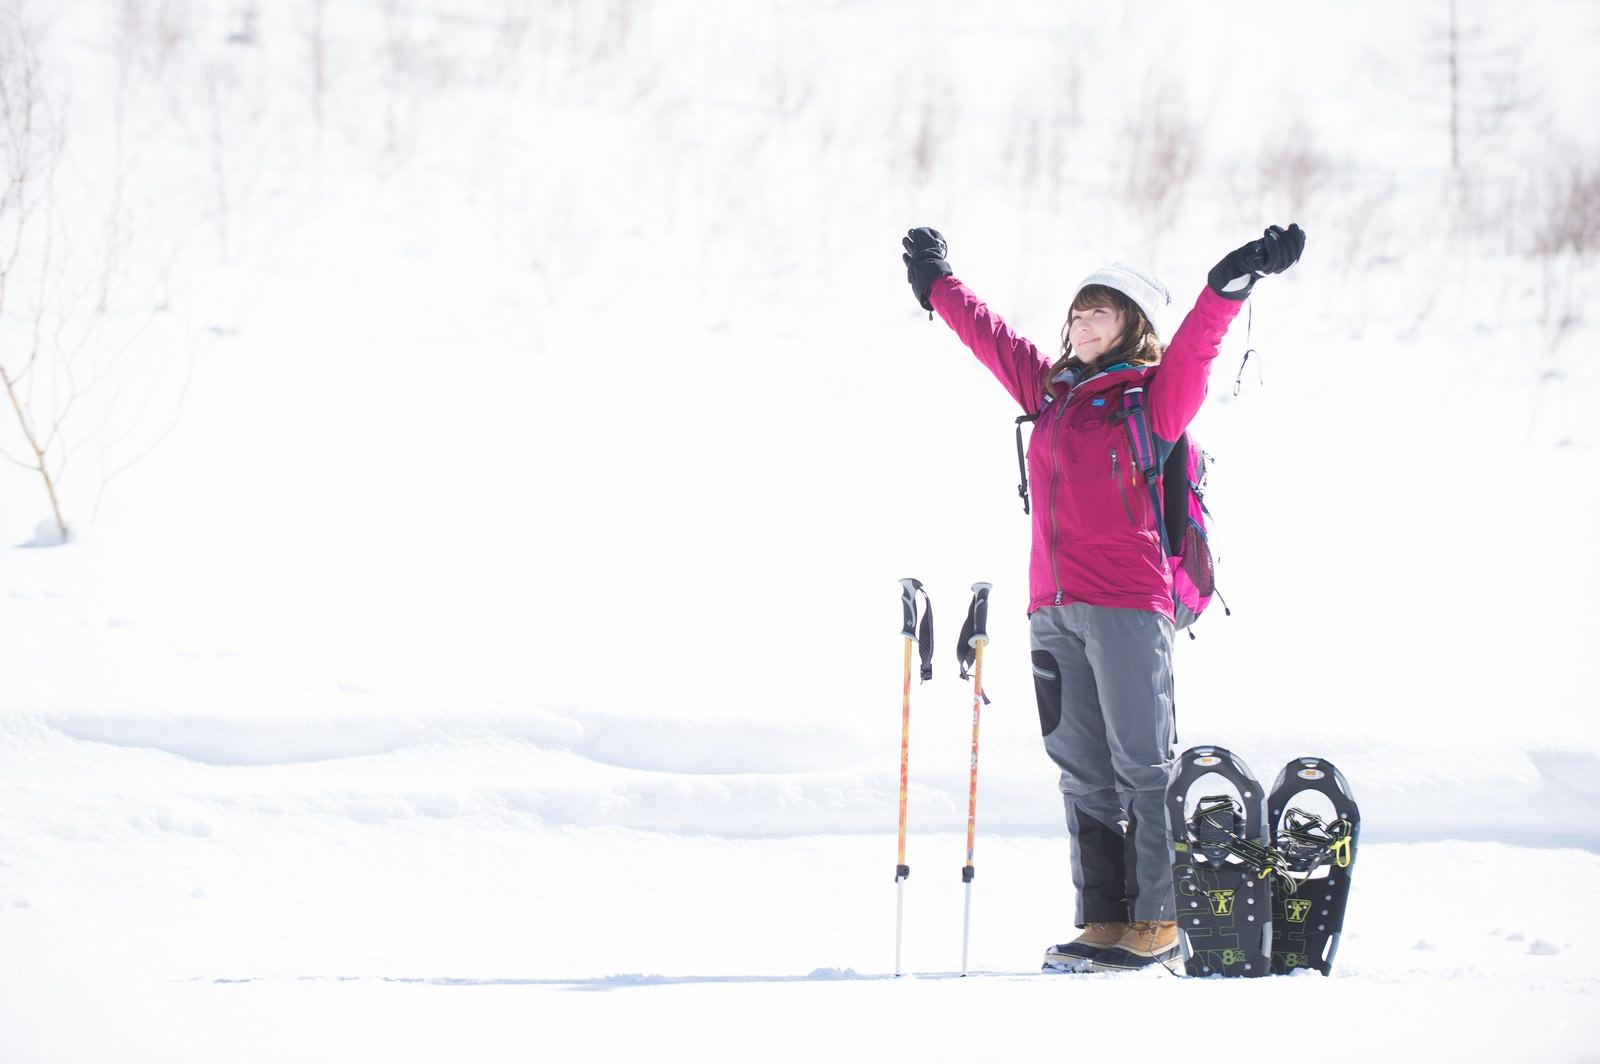 「雪山のトレッキングで大きく伸びをする女性」の写真[モデル:茜さや]